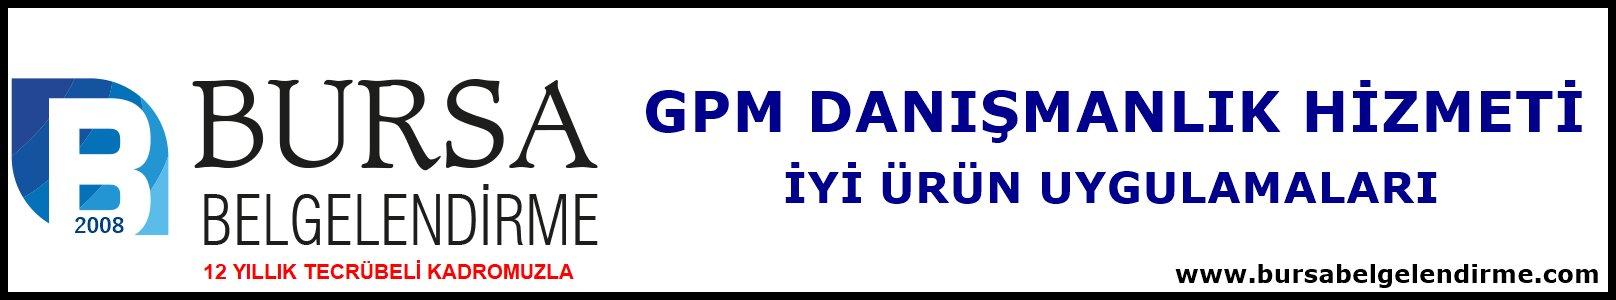 Bursa GPM Danışmanlığı